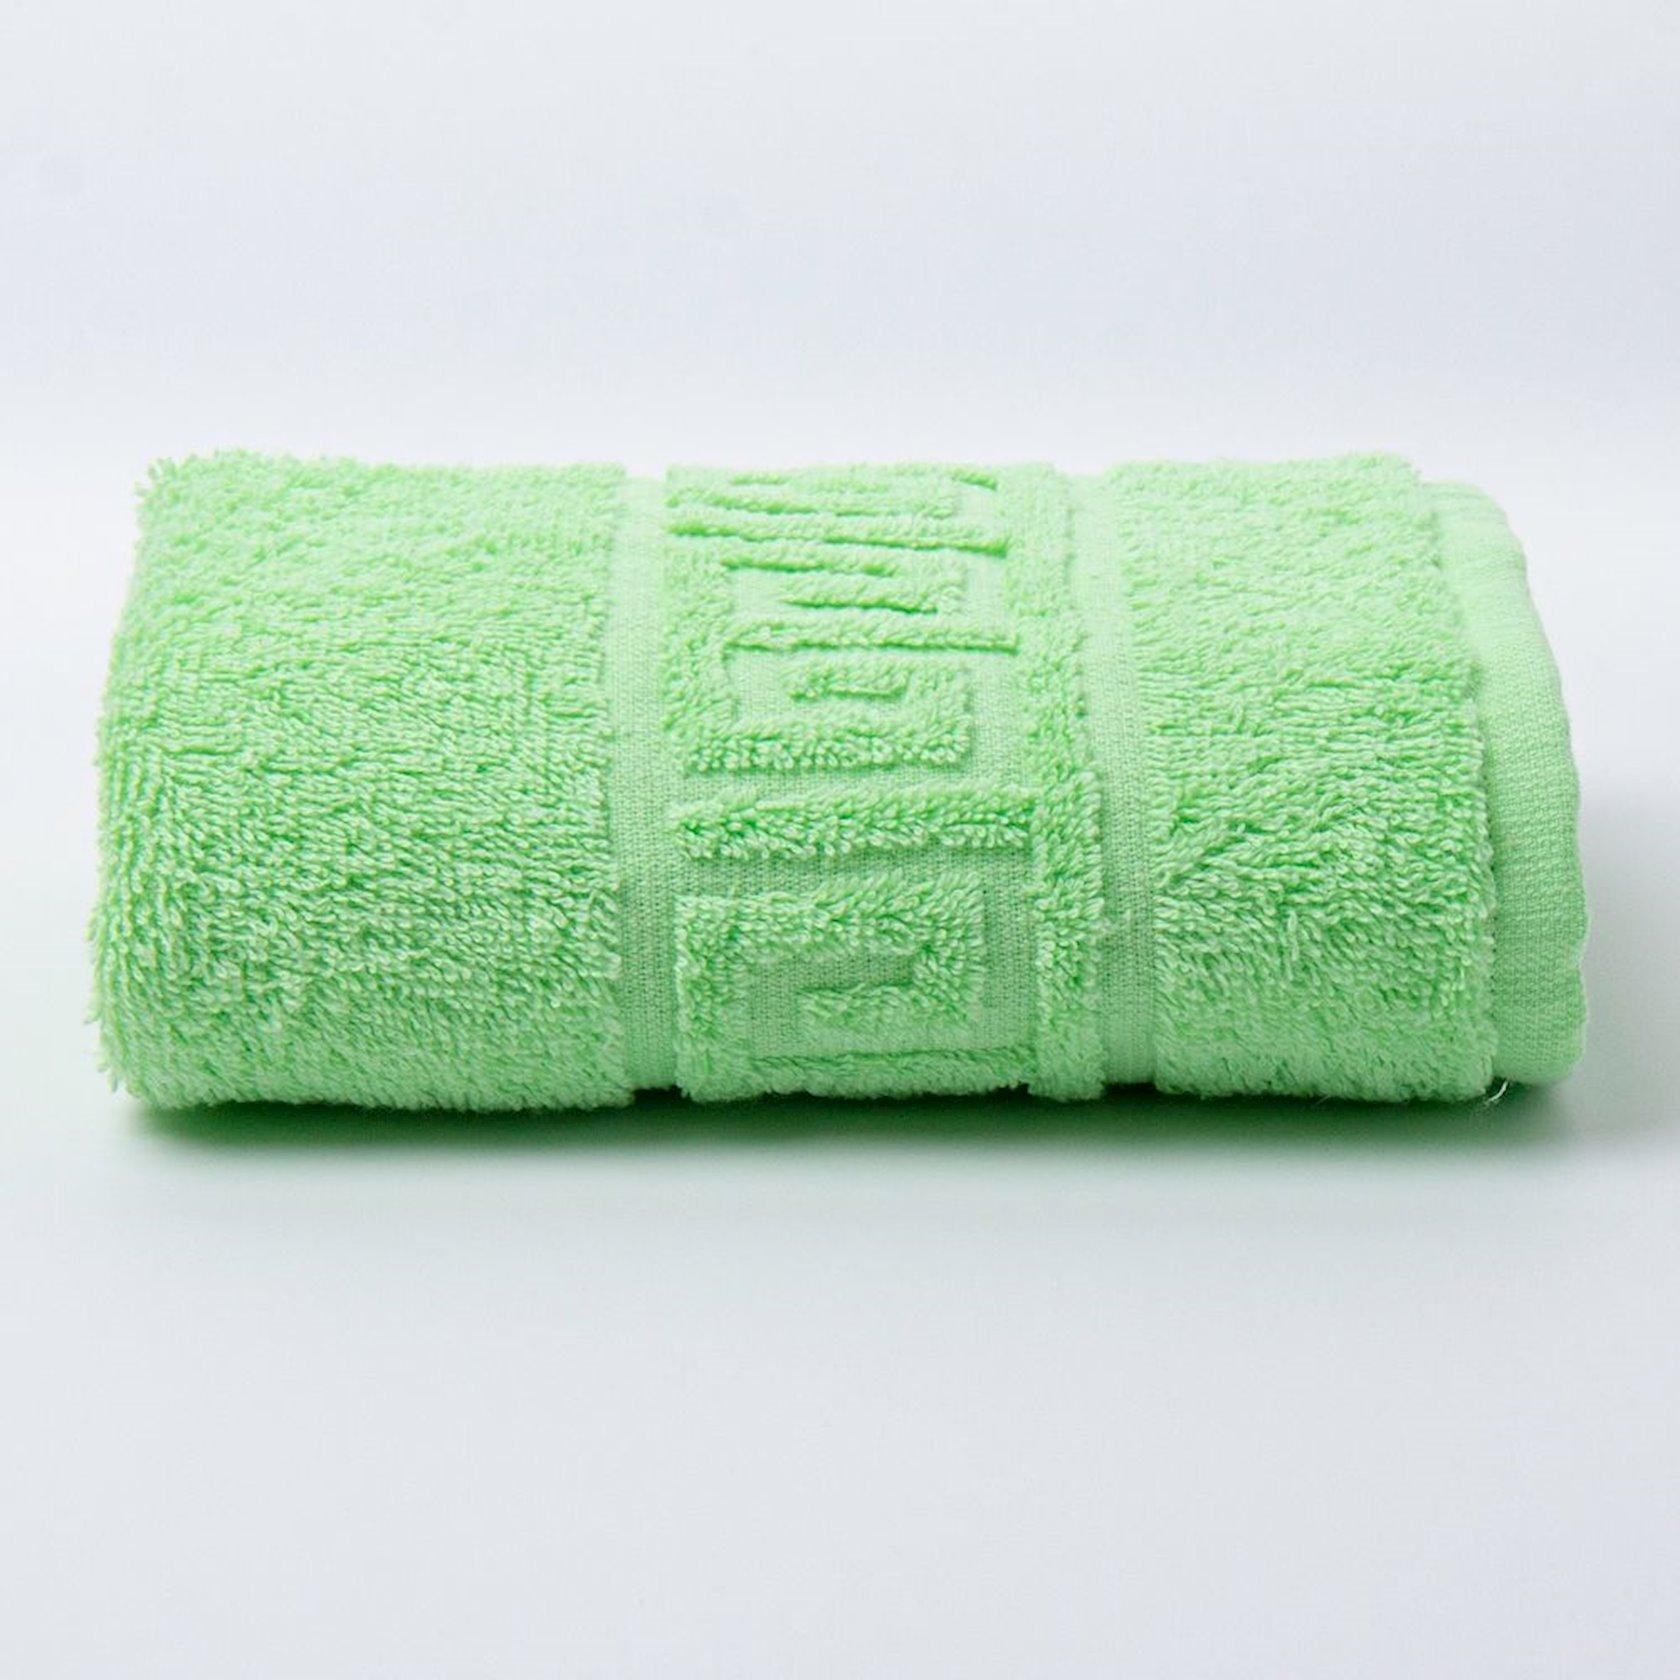 Dəsmal ADT Pistachio green 40x70, sıxlıq 430 qr/m²